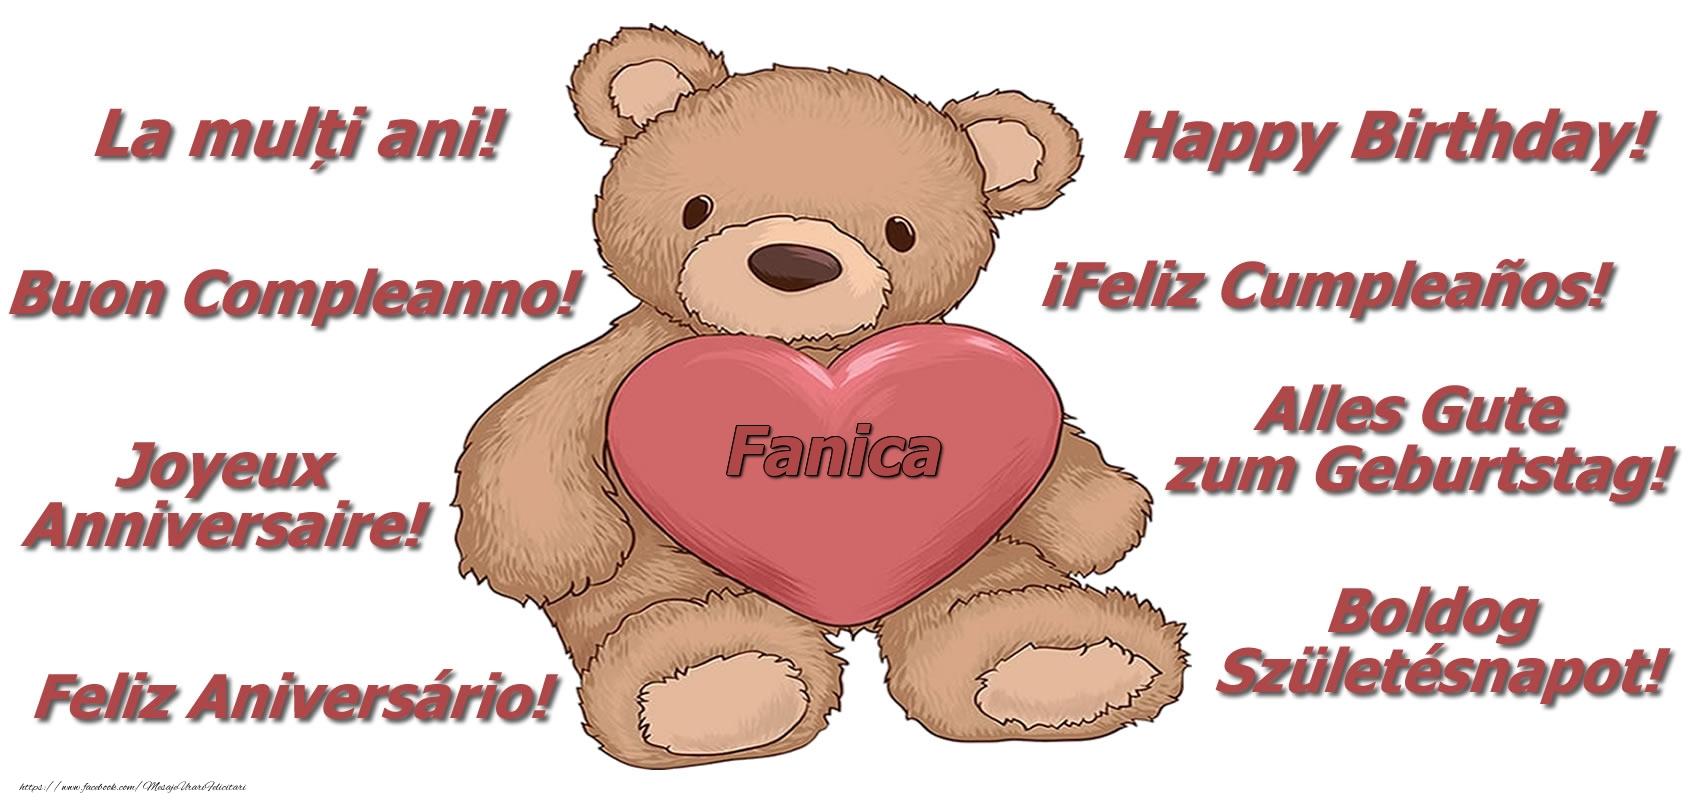 Felicitari de zi de nastere - La multi ani Fanica! - Ursulet